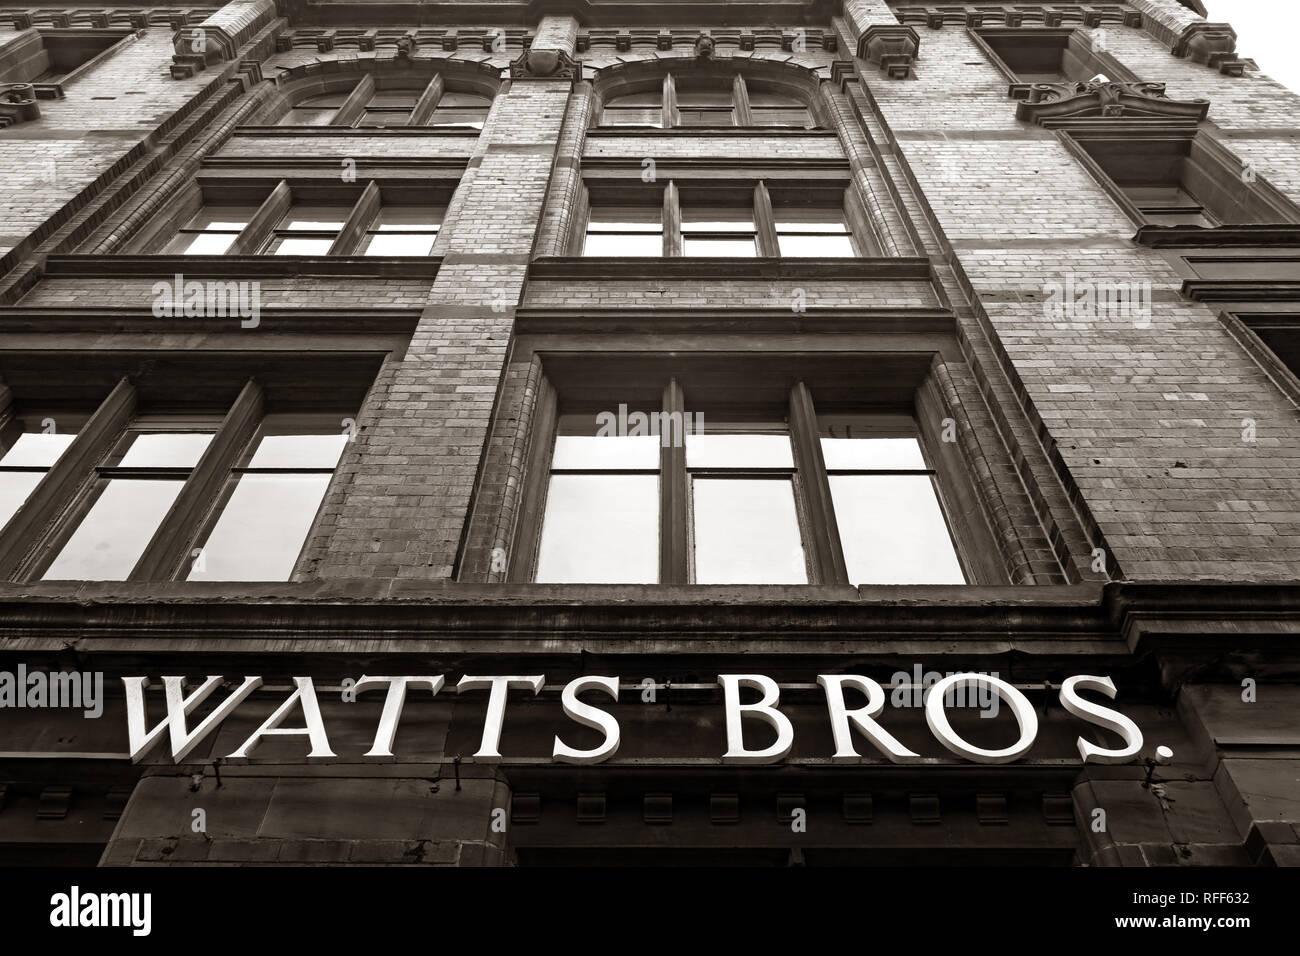 Laden Sie dieses Alamy Stockfoto Schwarzweiß, Schwarzweiß, Watt Brüder Gebäude, Bunsen St, Manchester, England, Großbritannien, M1 1DW - RFF632